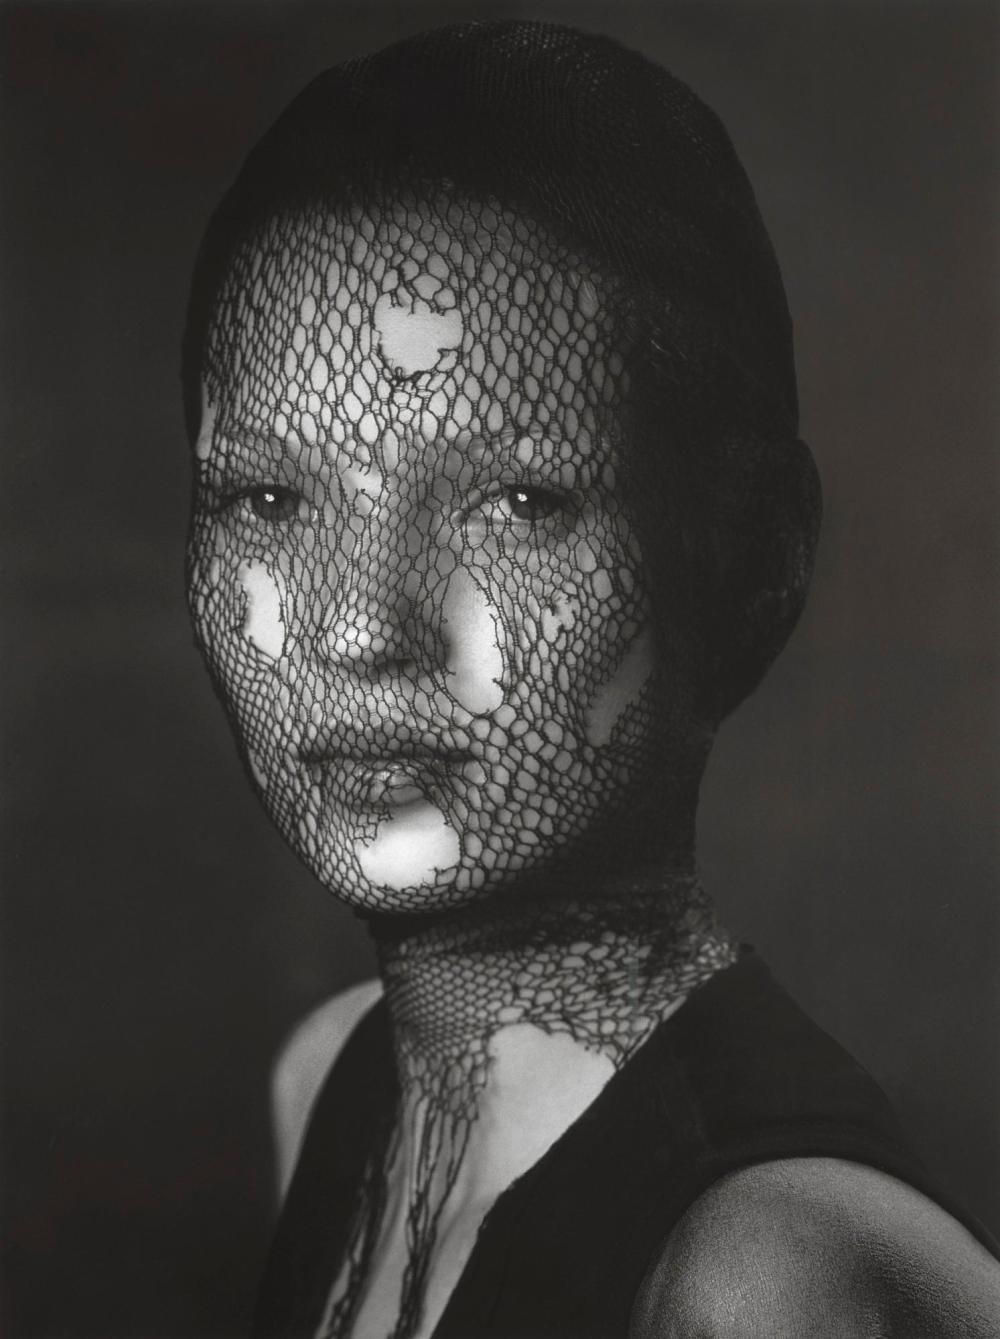 ALBERT WATSON | Kate Moss in Torn Veil, Marrakech, 1993